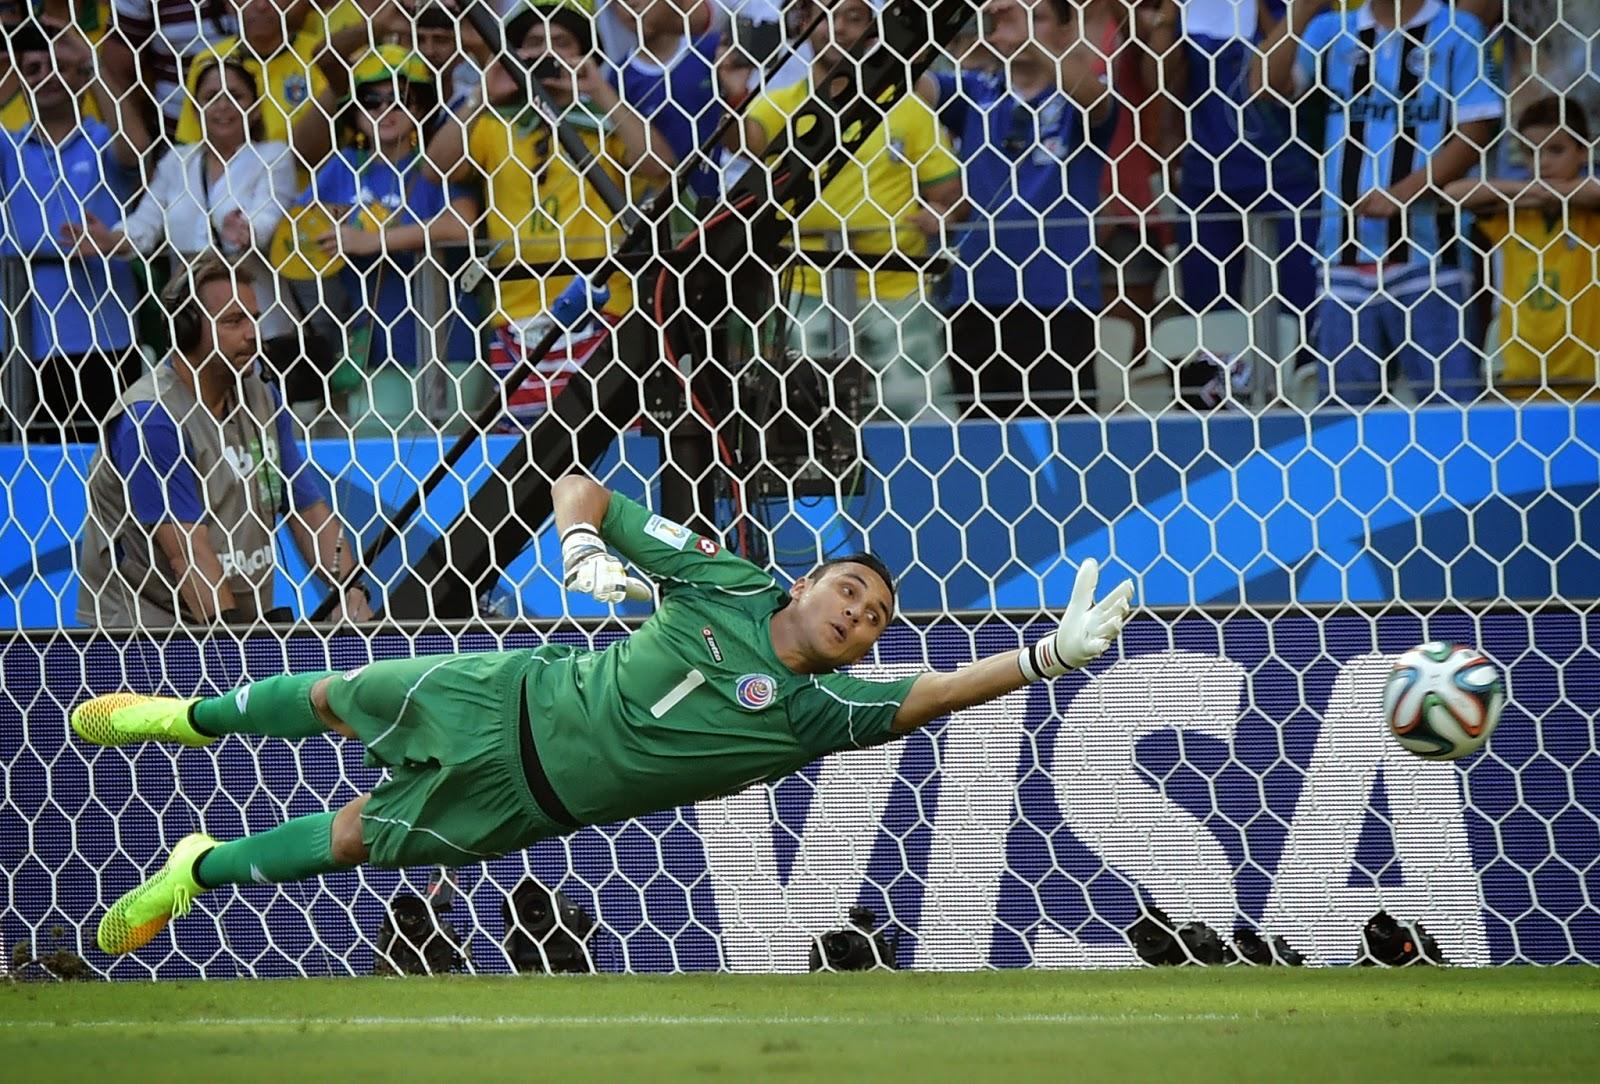 FIFA World Cup 2014 Uruguay vs Costa Rica 7th Match in